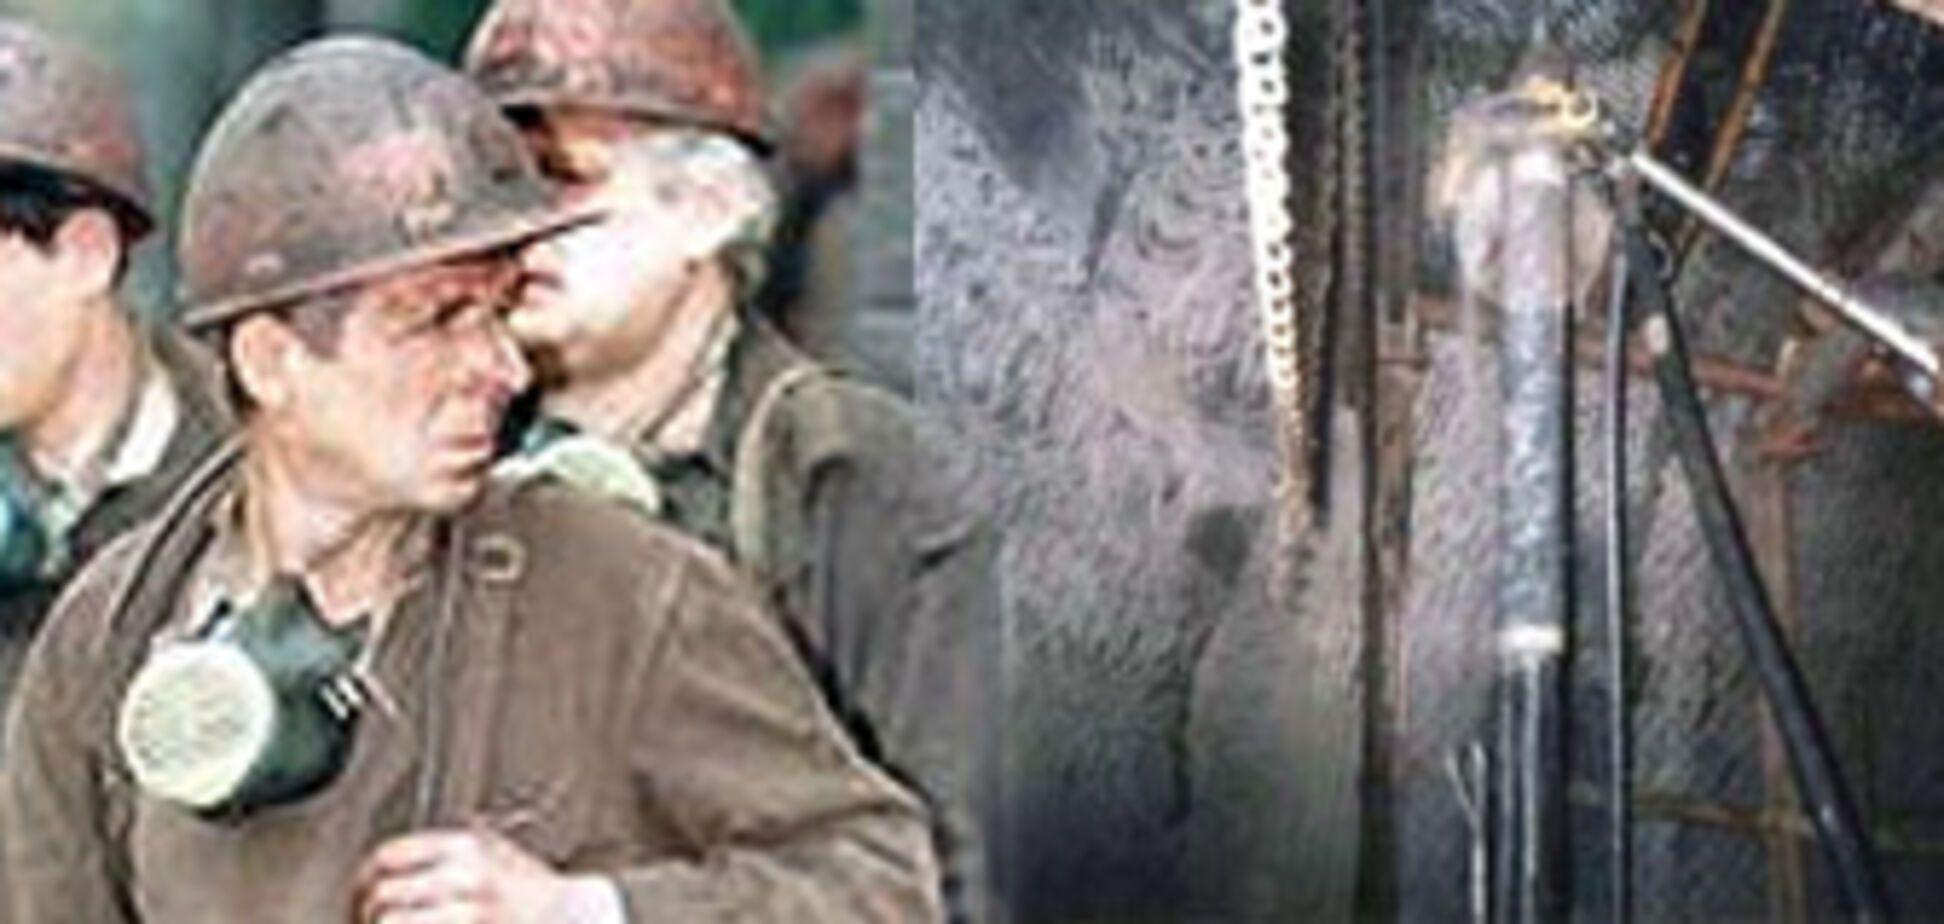 Вибух потряс шахту. Є жертви